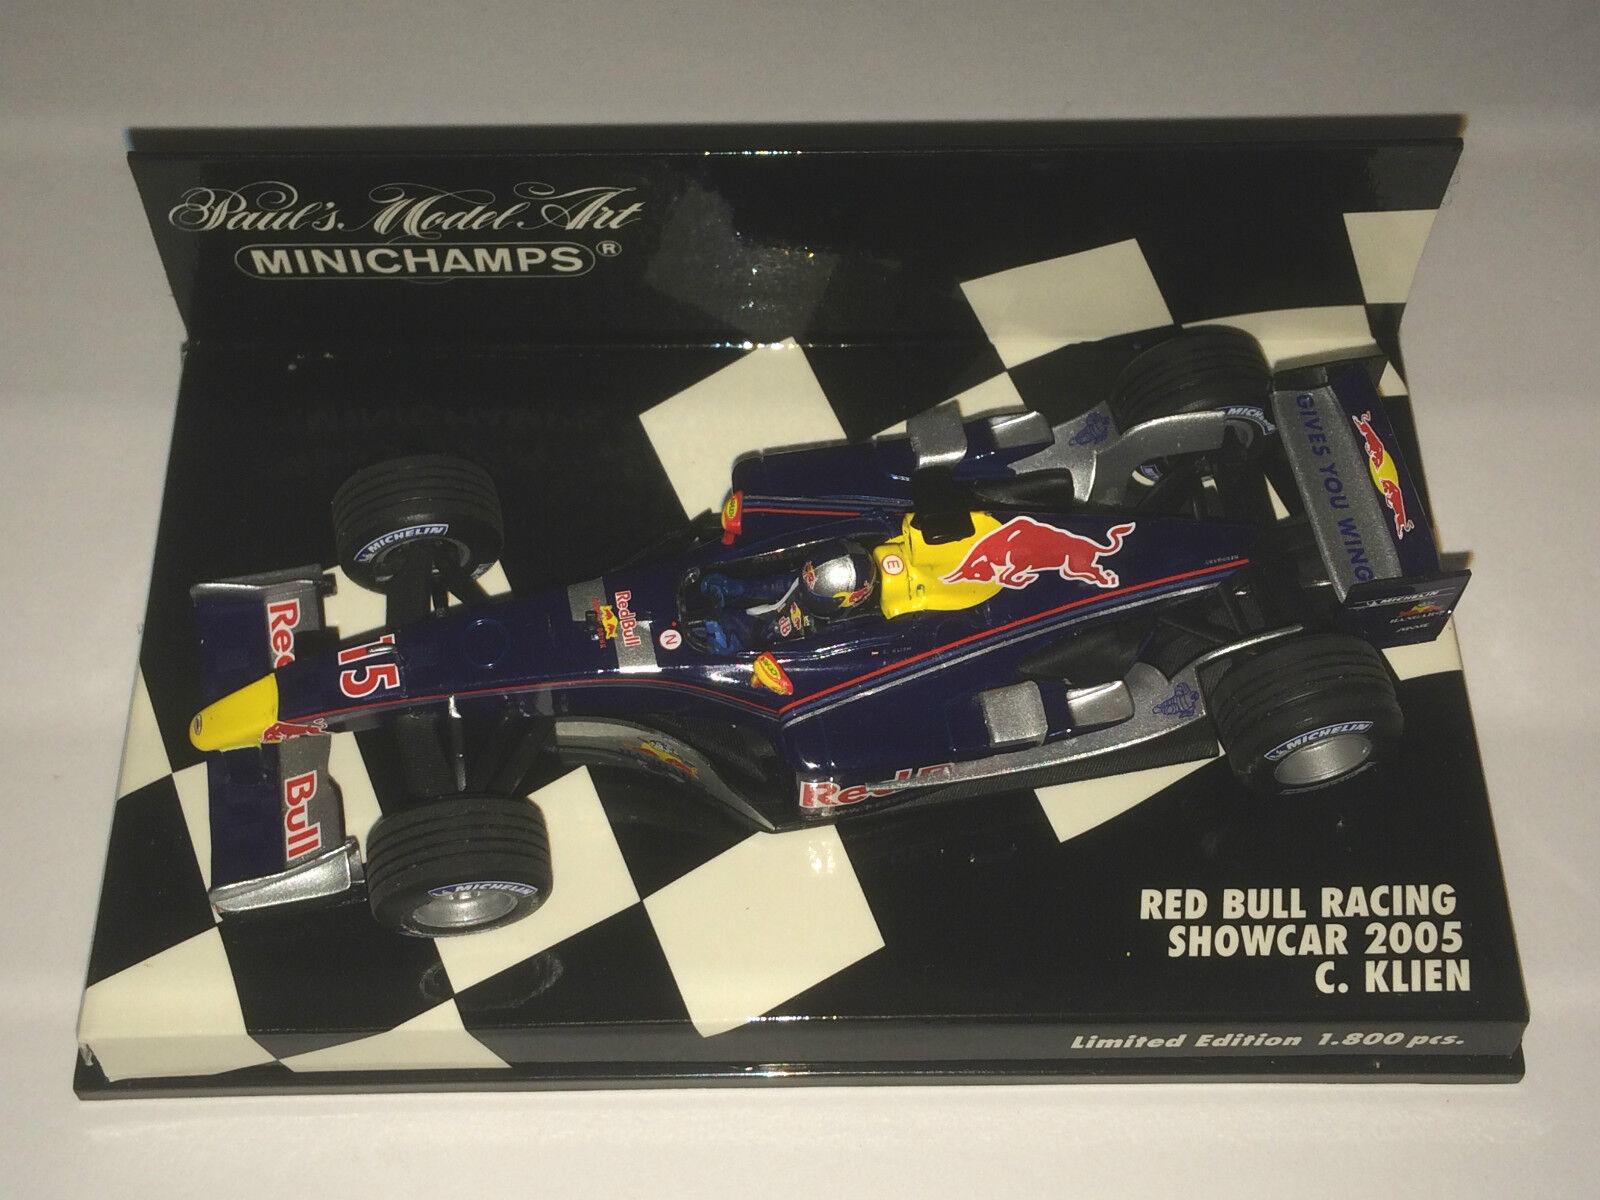 Minichamps F1 F1 F1 1 43 rouge bull racing car 2005-Christian Klien-L.E. 1800pcs 752f9c